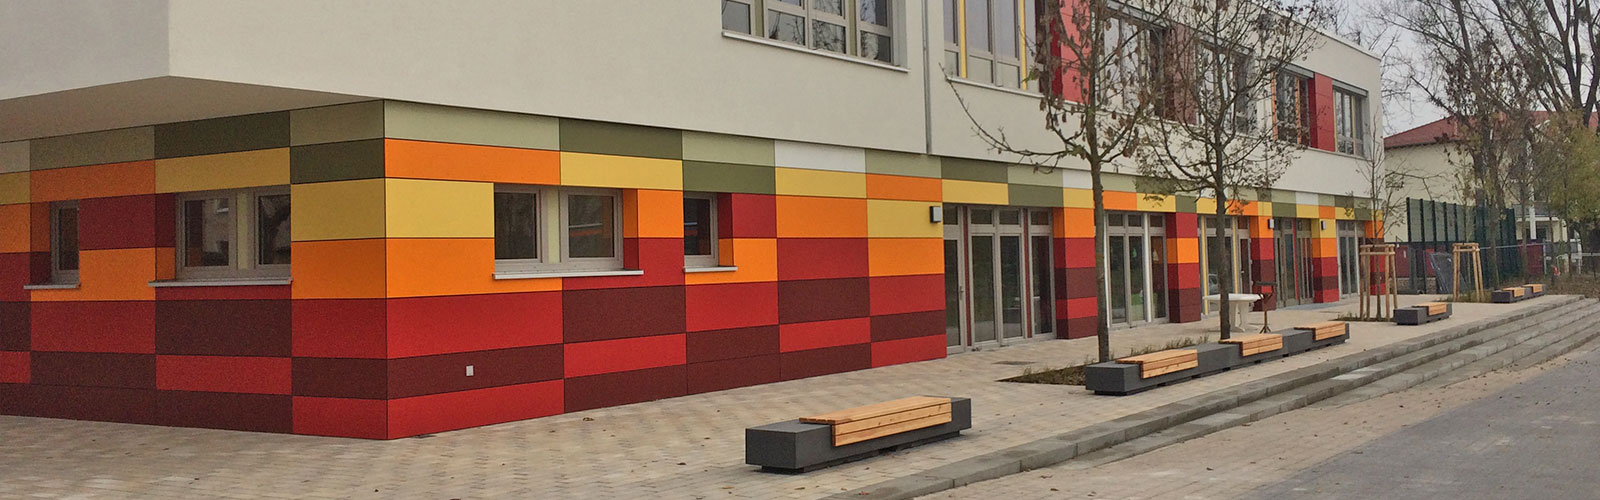 Ein abgeschlossenes Projekt der 3B Denkmalpflege & Bausanierung GmbH mit WDVS und integrierter Vorhangfassade aus Fundermax